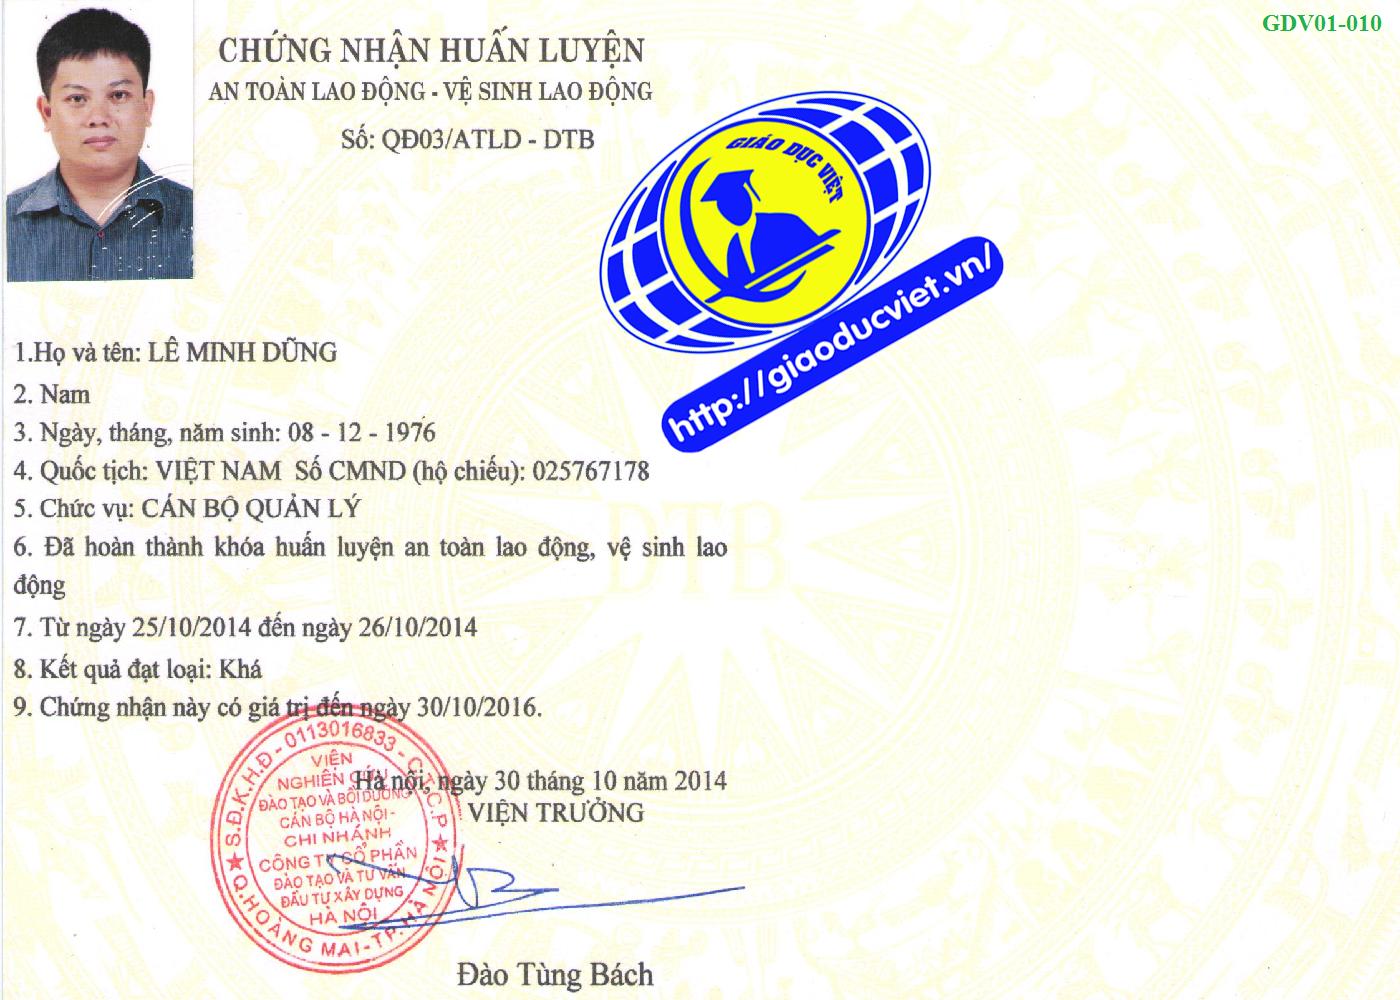 Chứng Nhận Huấn Luyện An Toàn Lao Động - Vệ Sinh Lao Động (Theo Thông Tư 27)